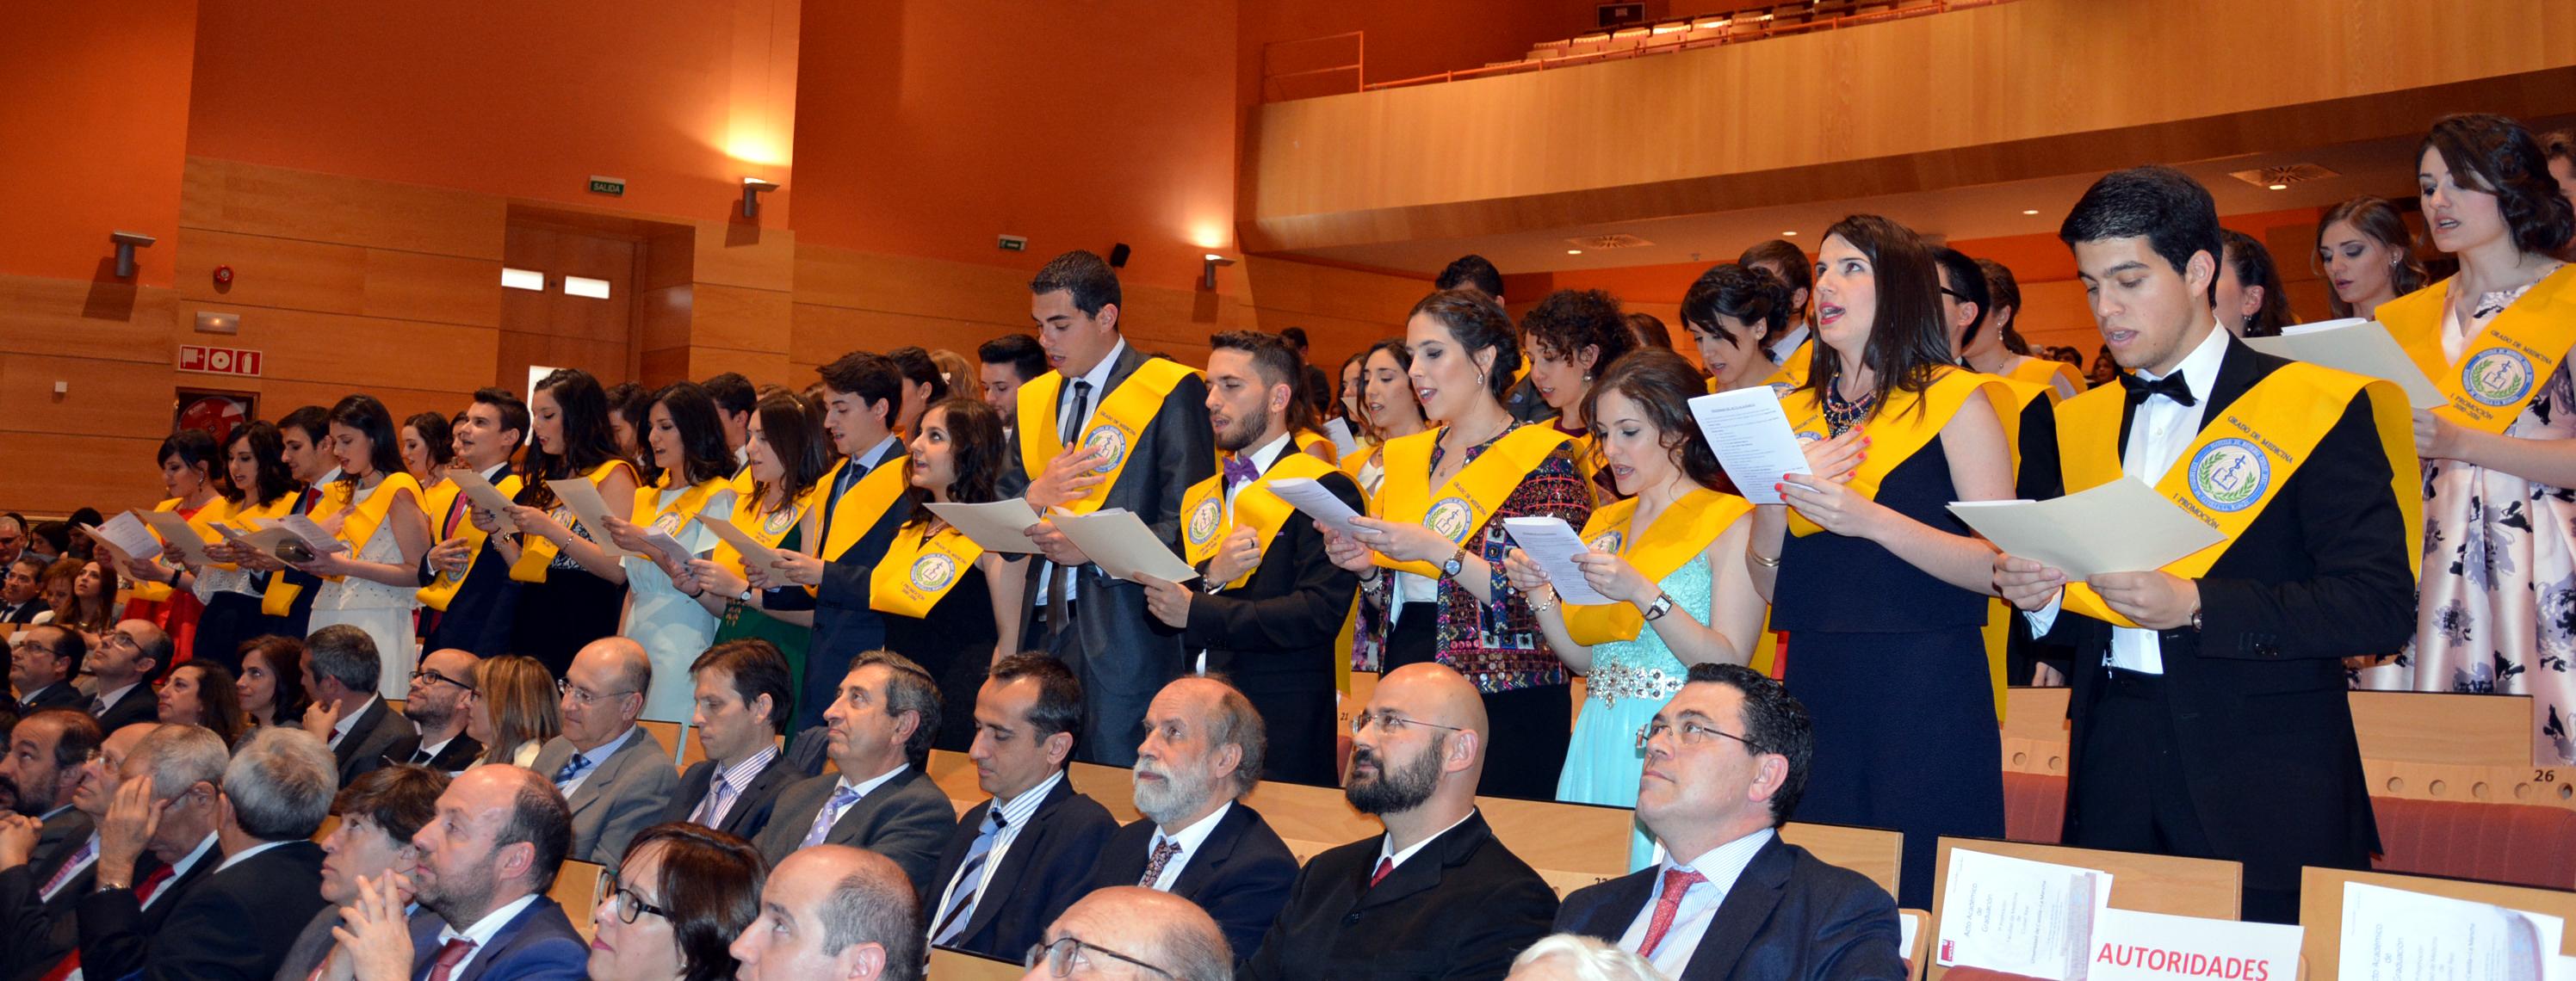 Graduada la primera promoción de médicos de la Facultad de Medicina del Campus de Ciudad Real